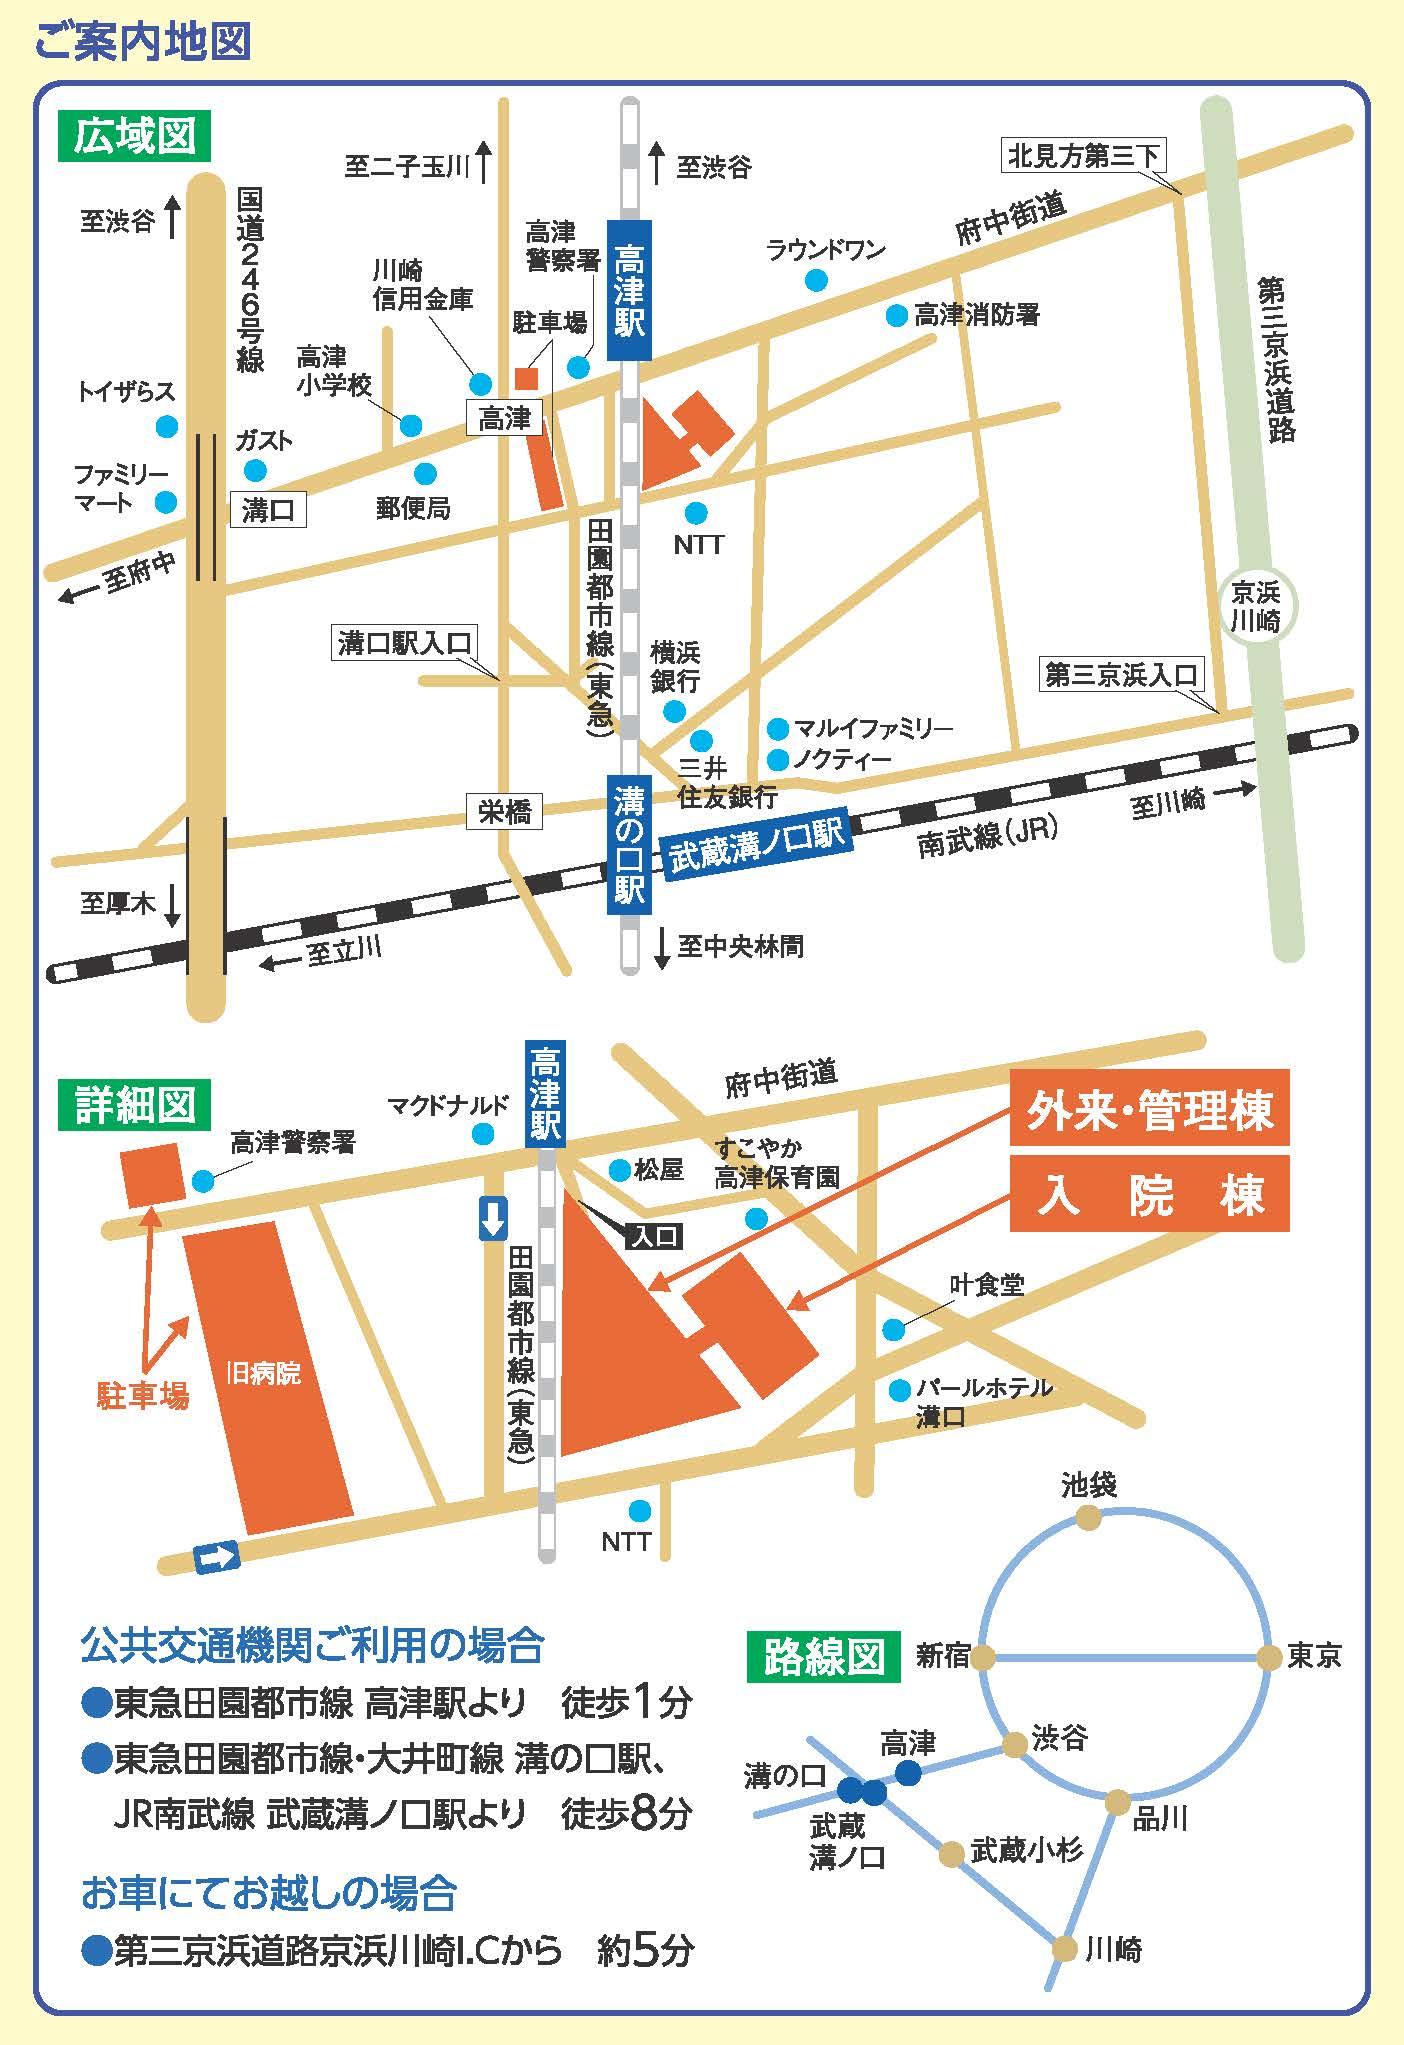 2018.12 地図 (1).jpg